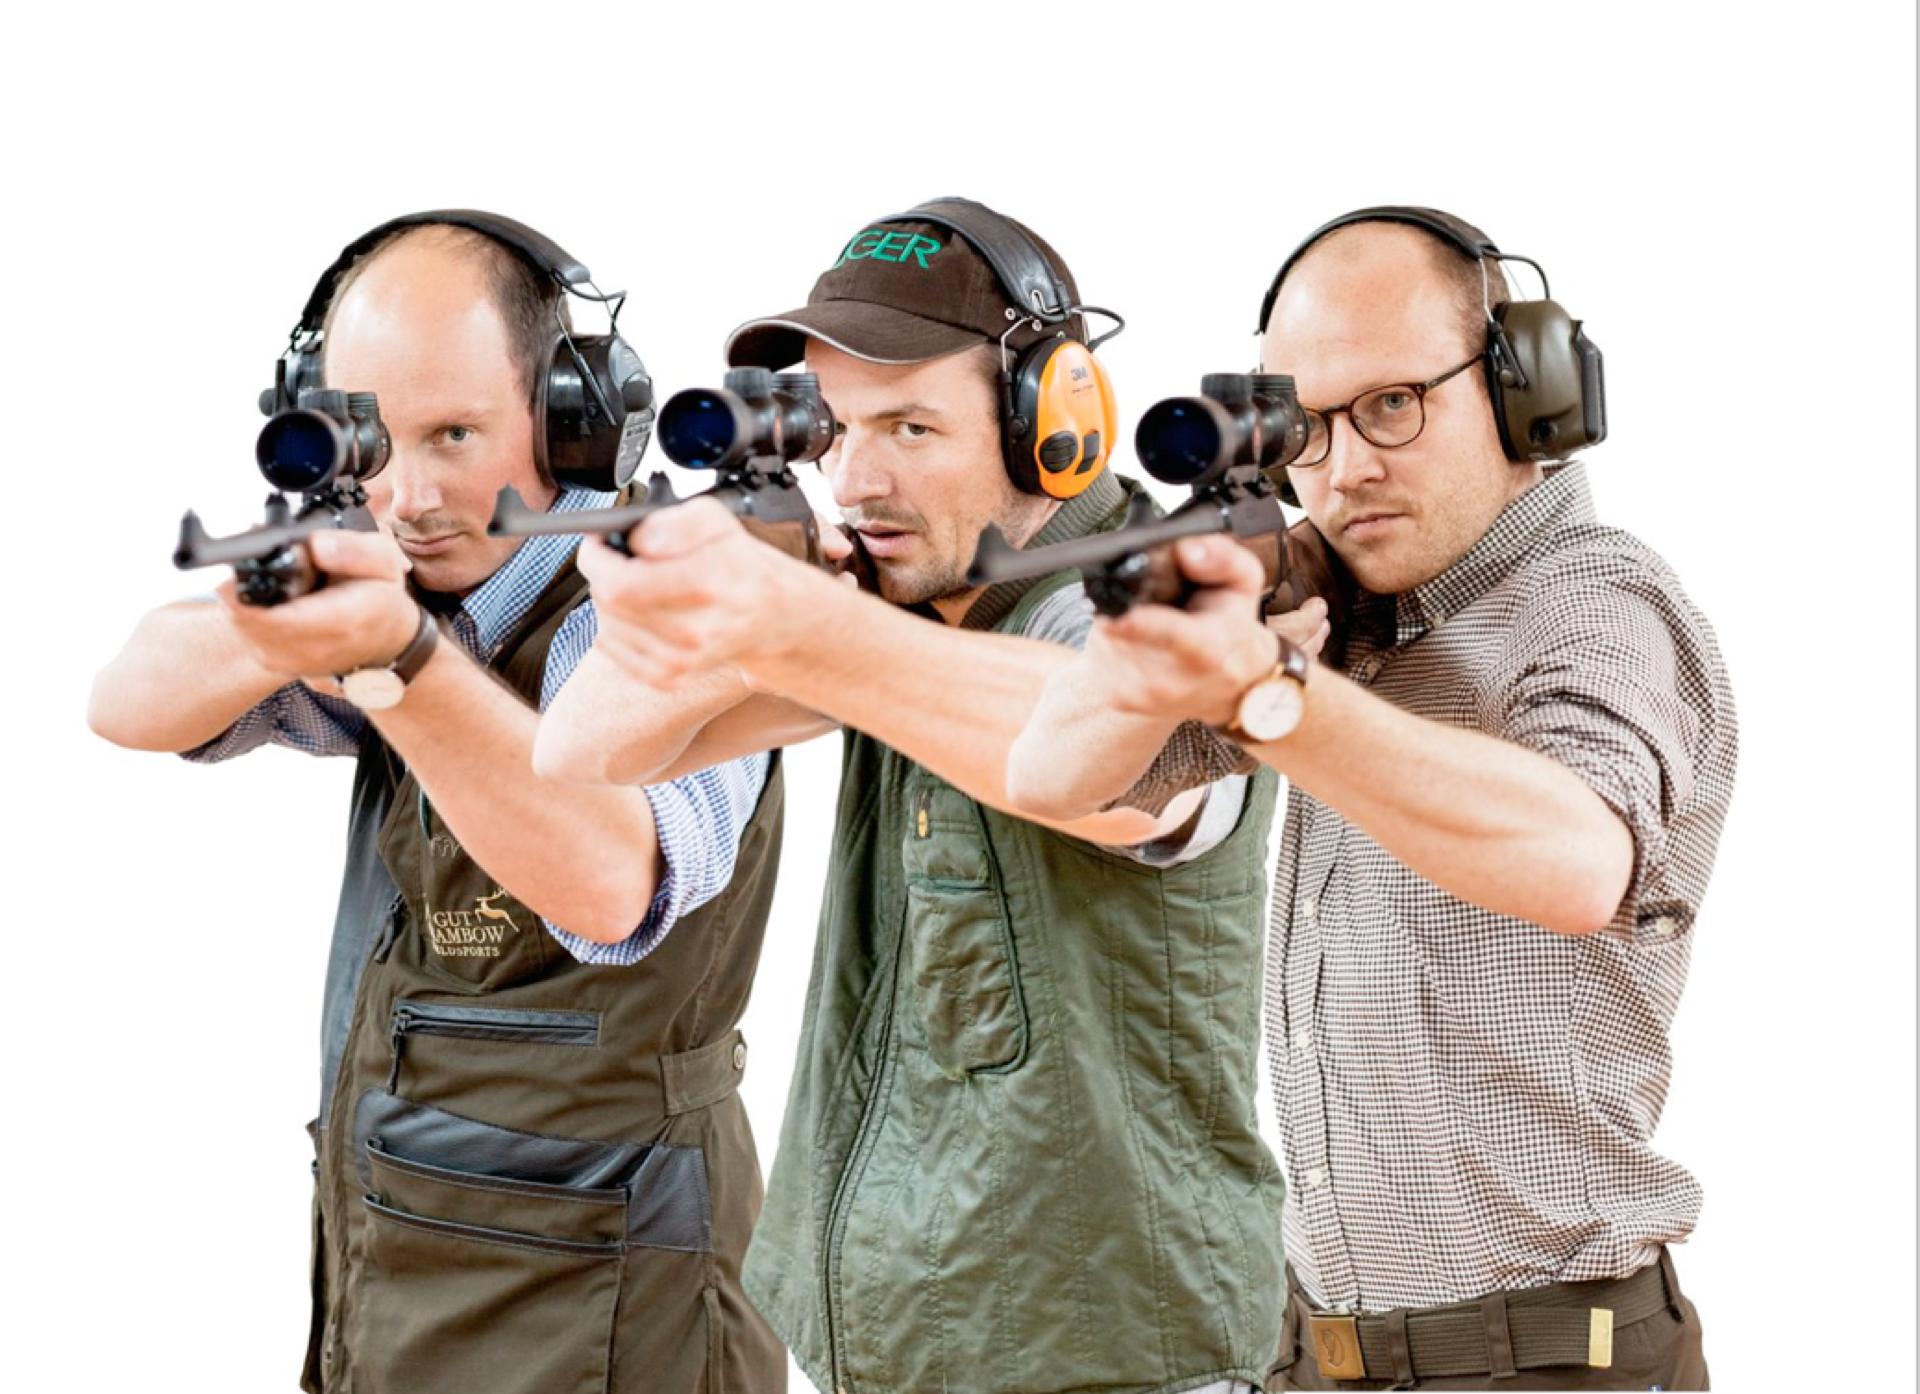 jaegermagazin jagdschule gut grambow Sauer 404 Büchse Kalbiber Abzugsgewicht Abzug